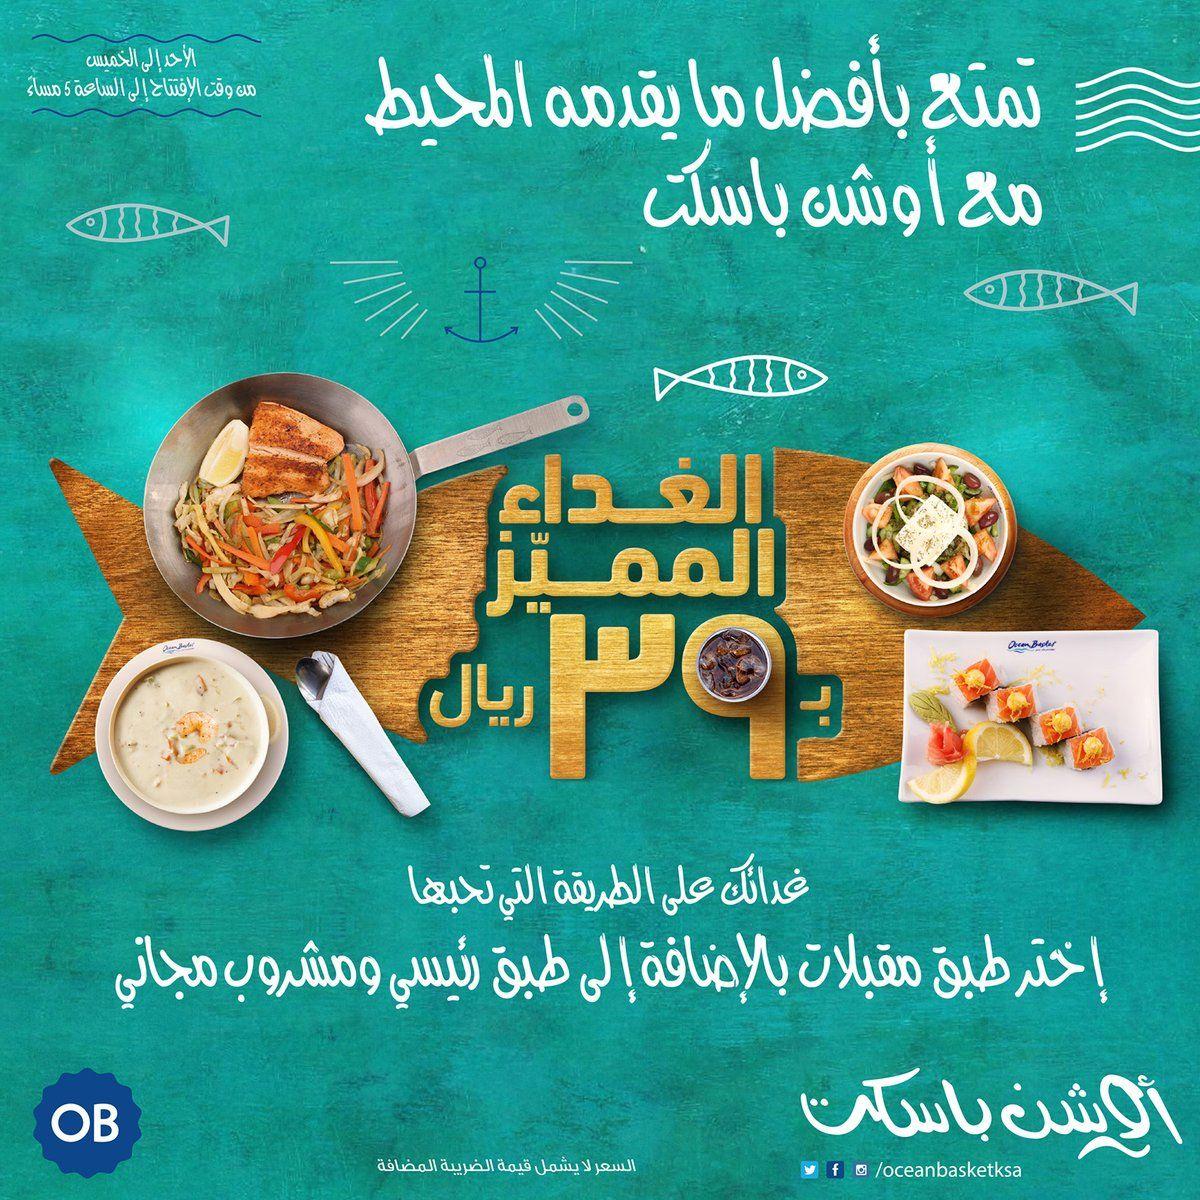 عروض مطعم أوشن باسكت للمأكولات البحرية الرياض عروض 2018 عروض اليوم